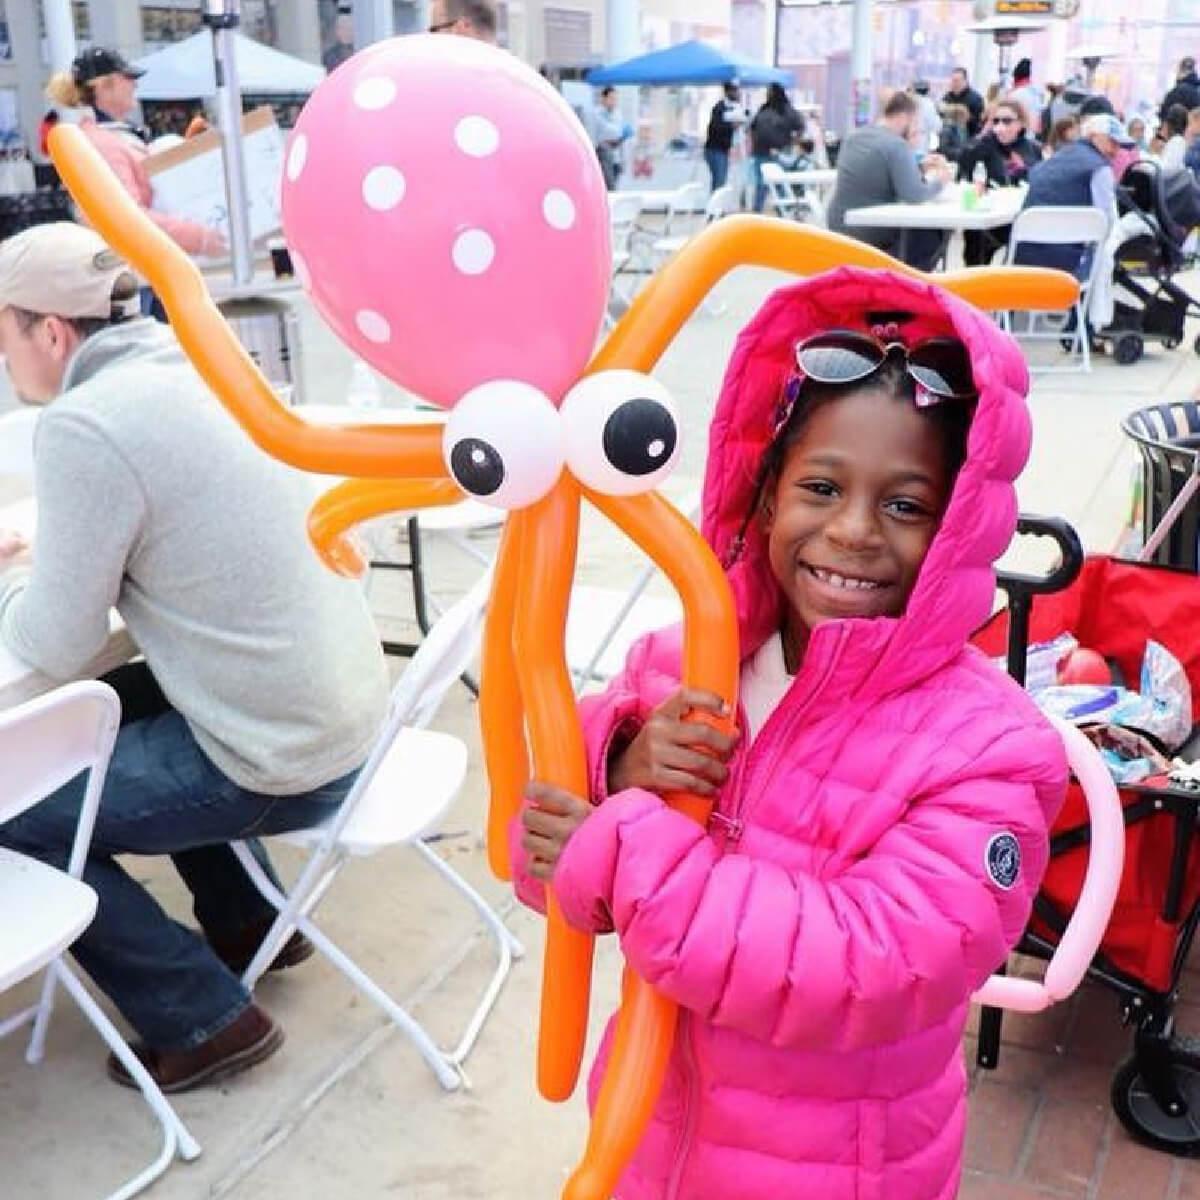 kid holding balloon animal